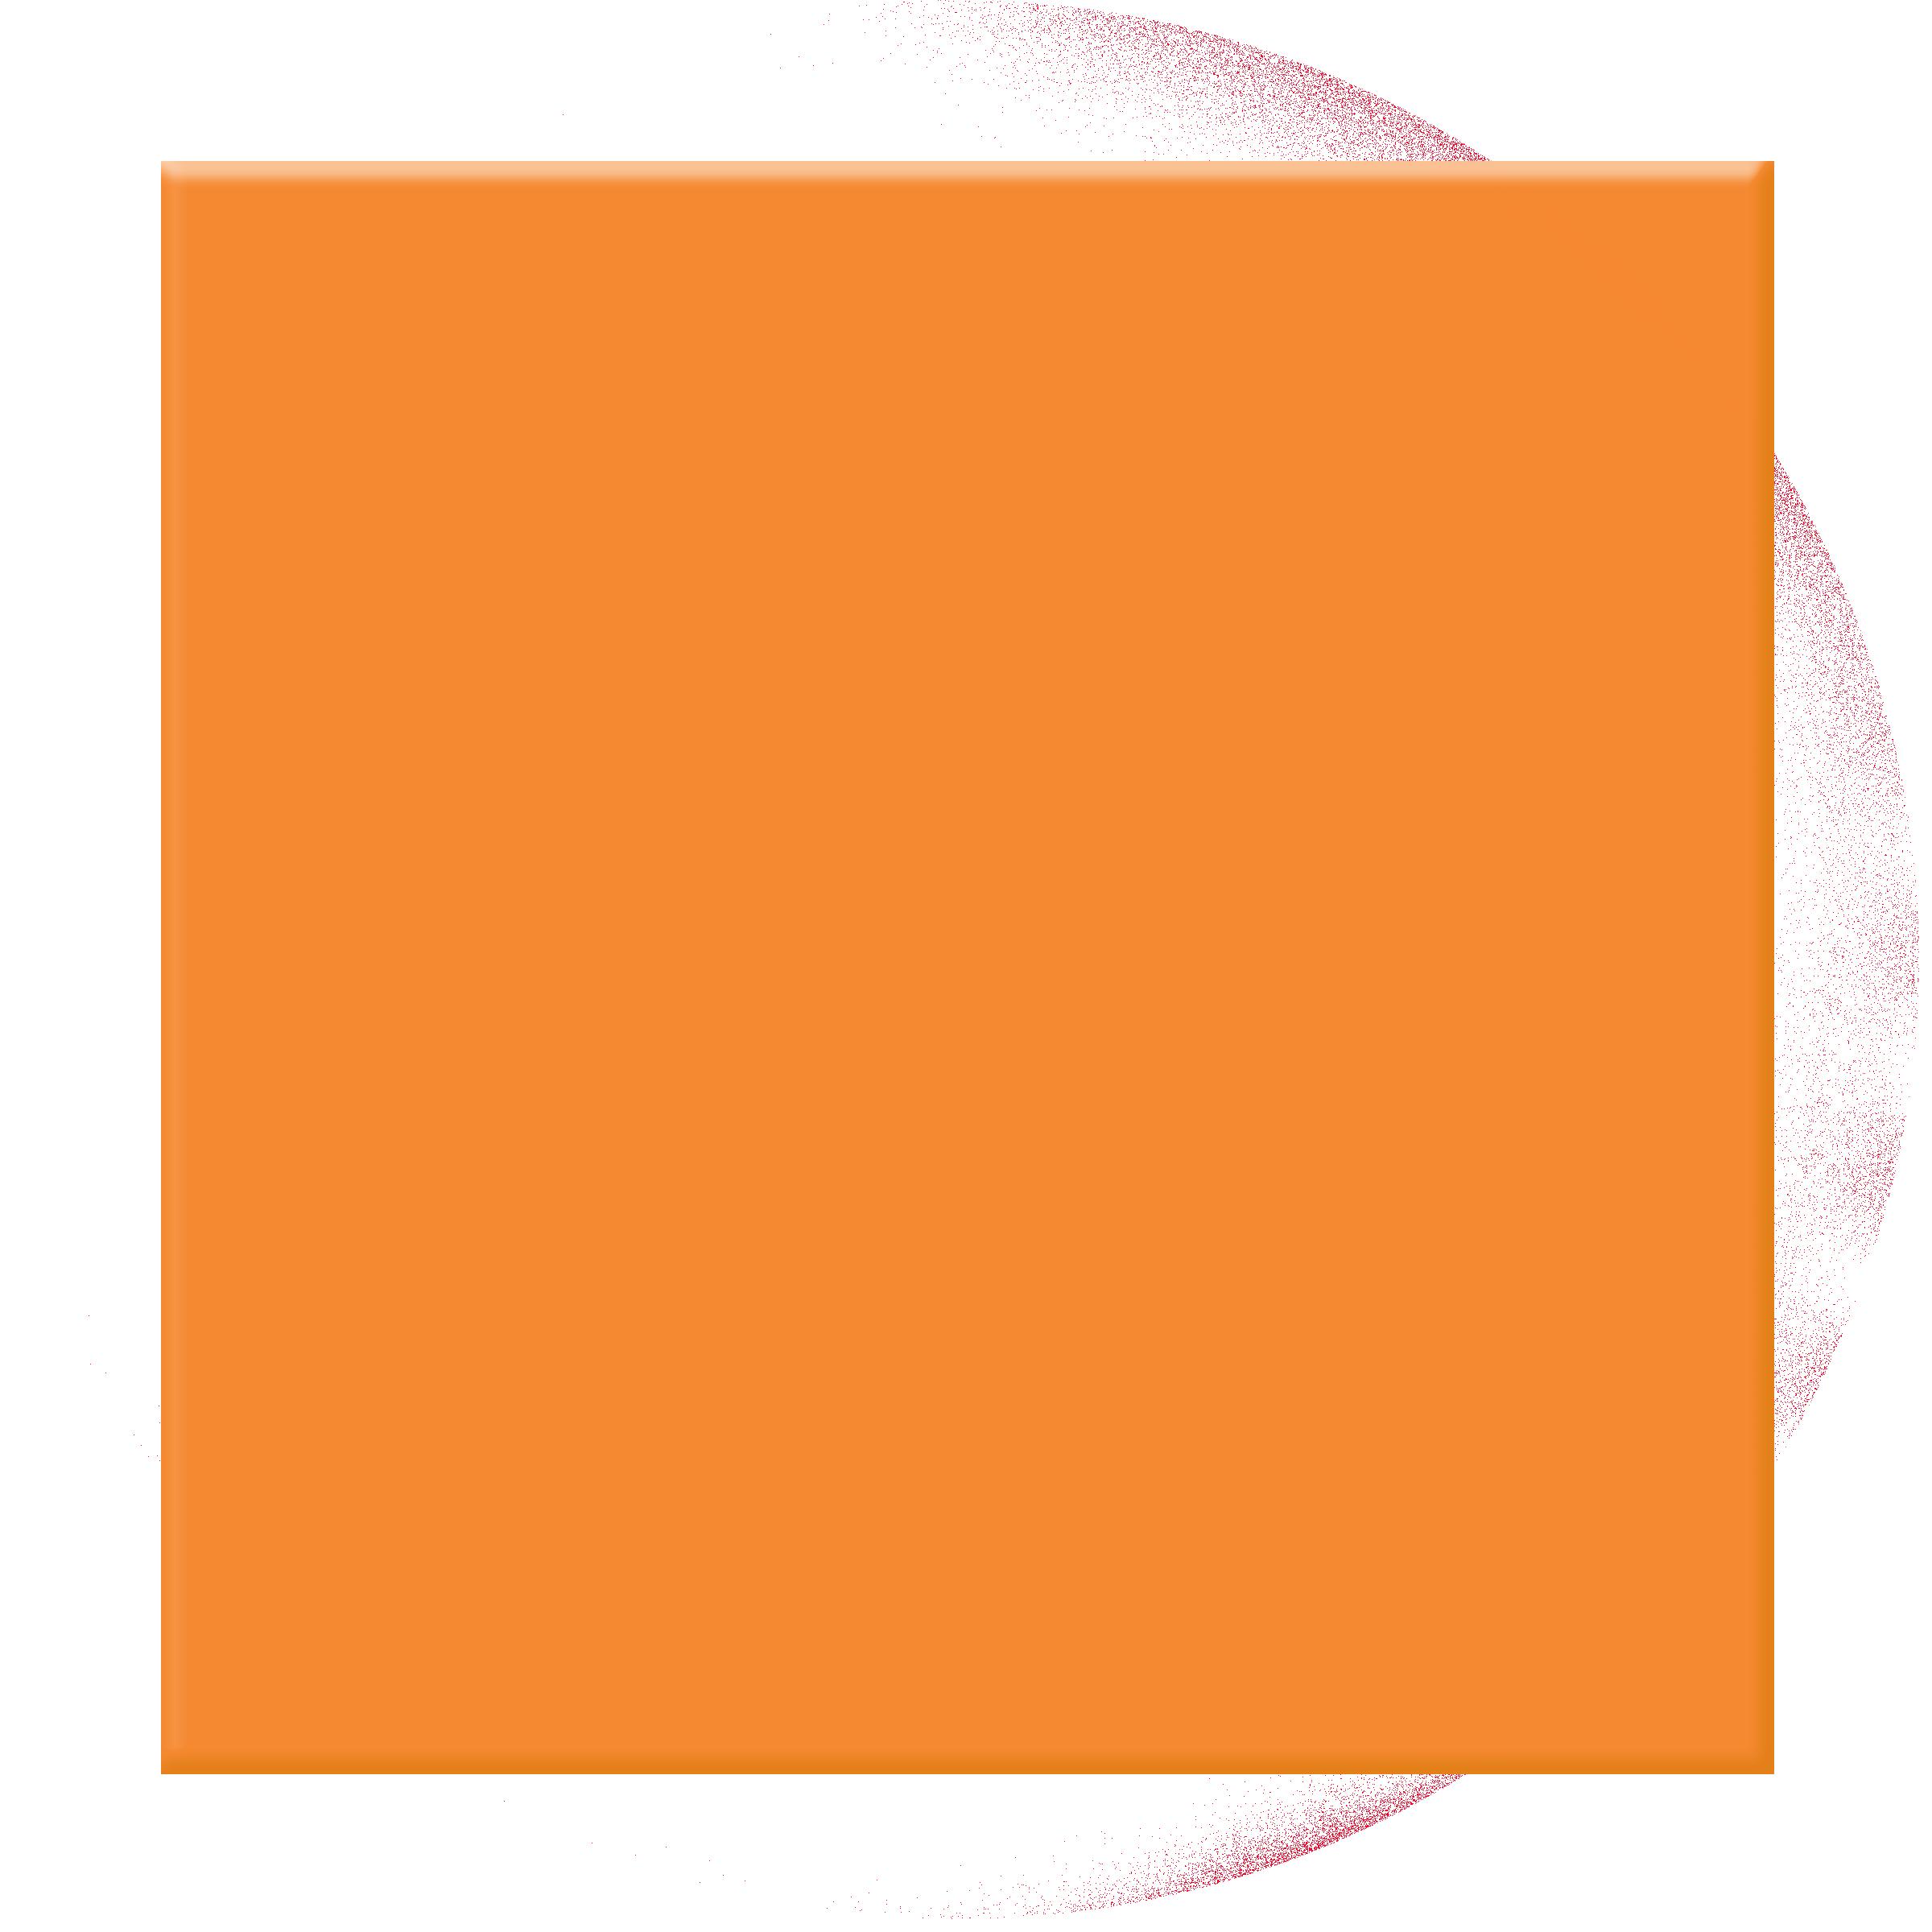 Clip-art-of-Orange-Square